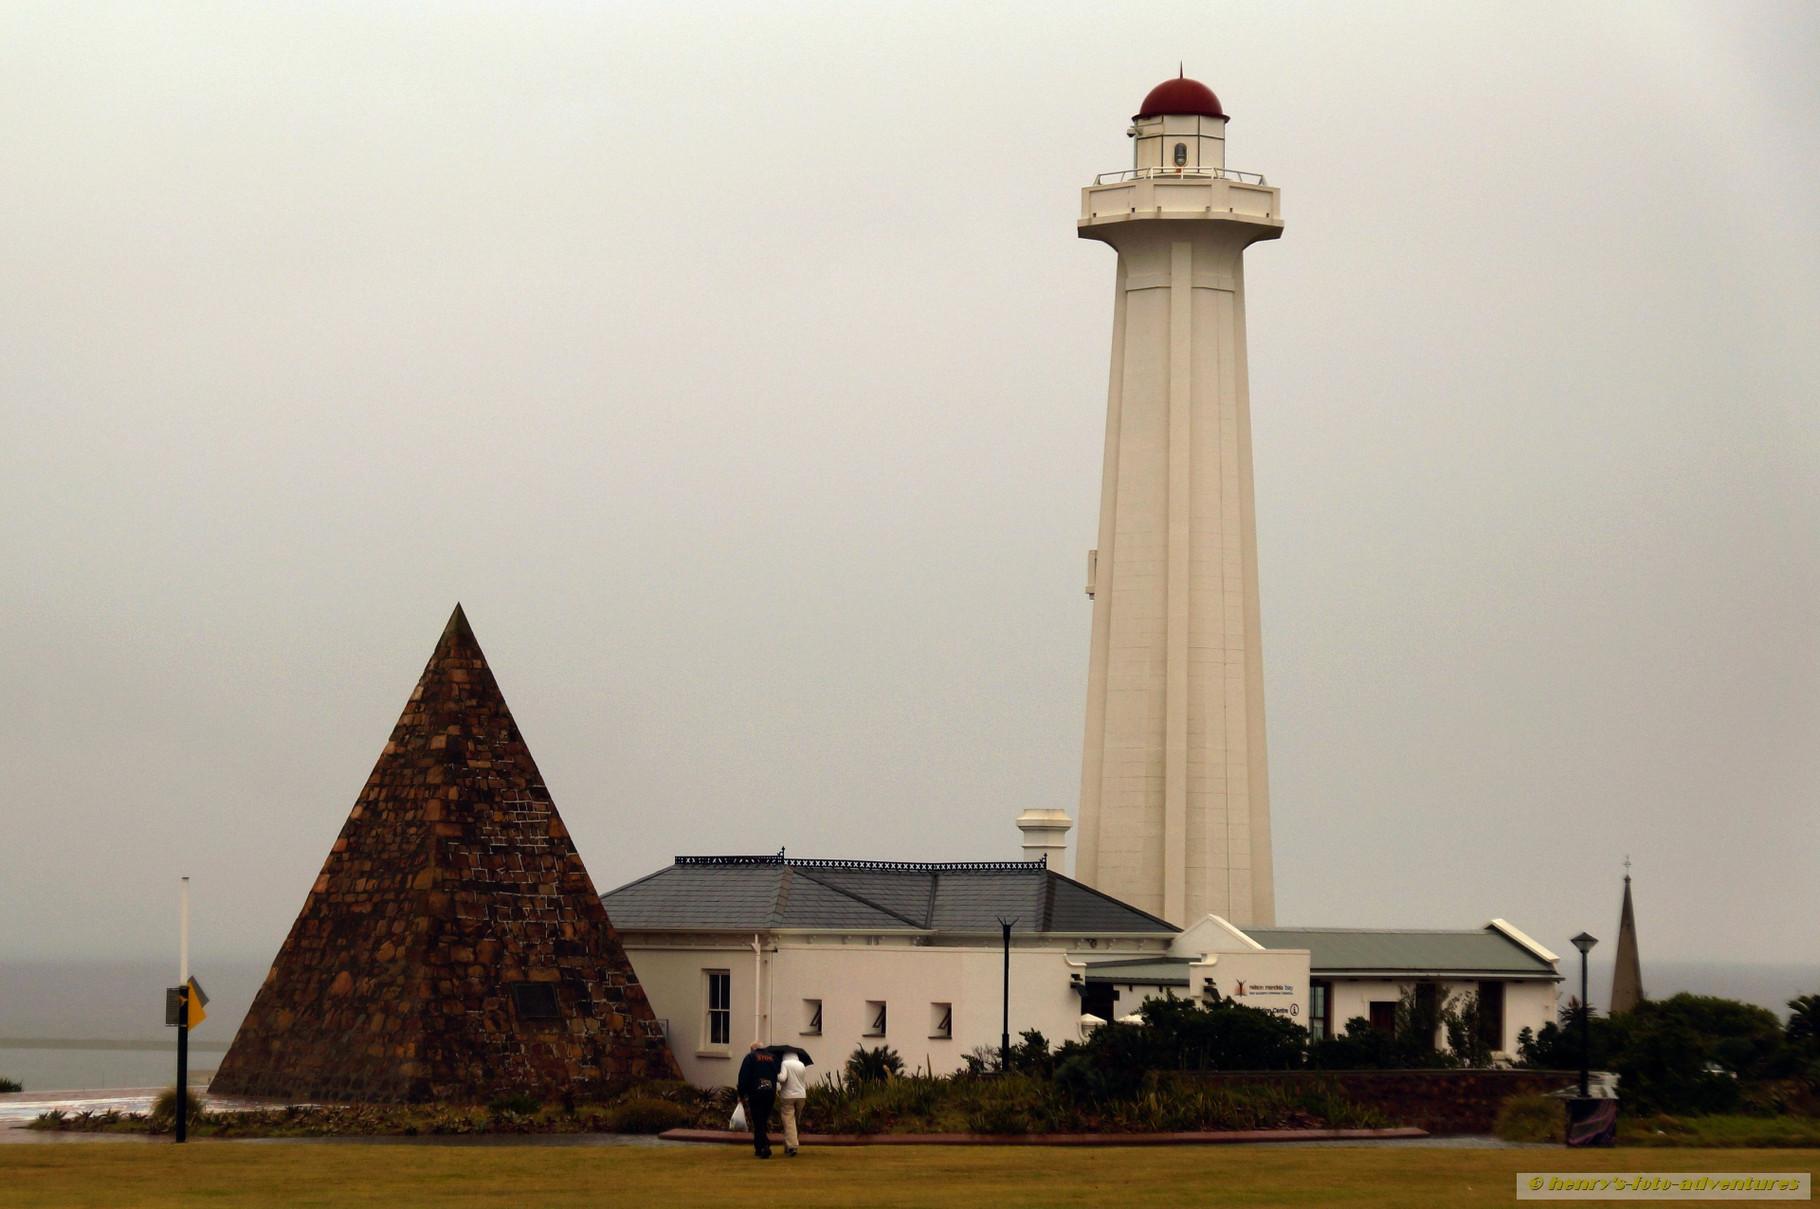 der alte Leuchtturm von Port Elizabeth